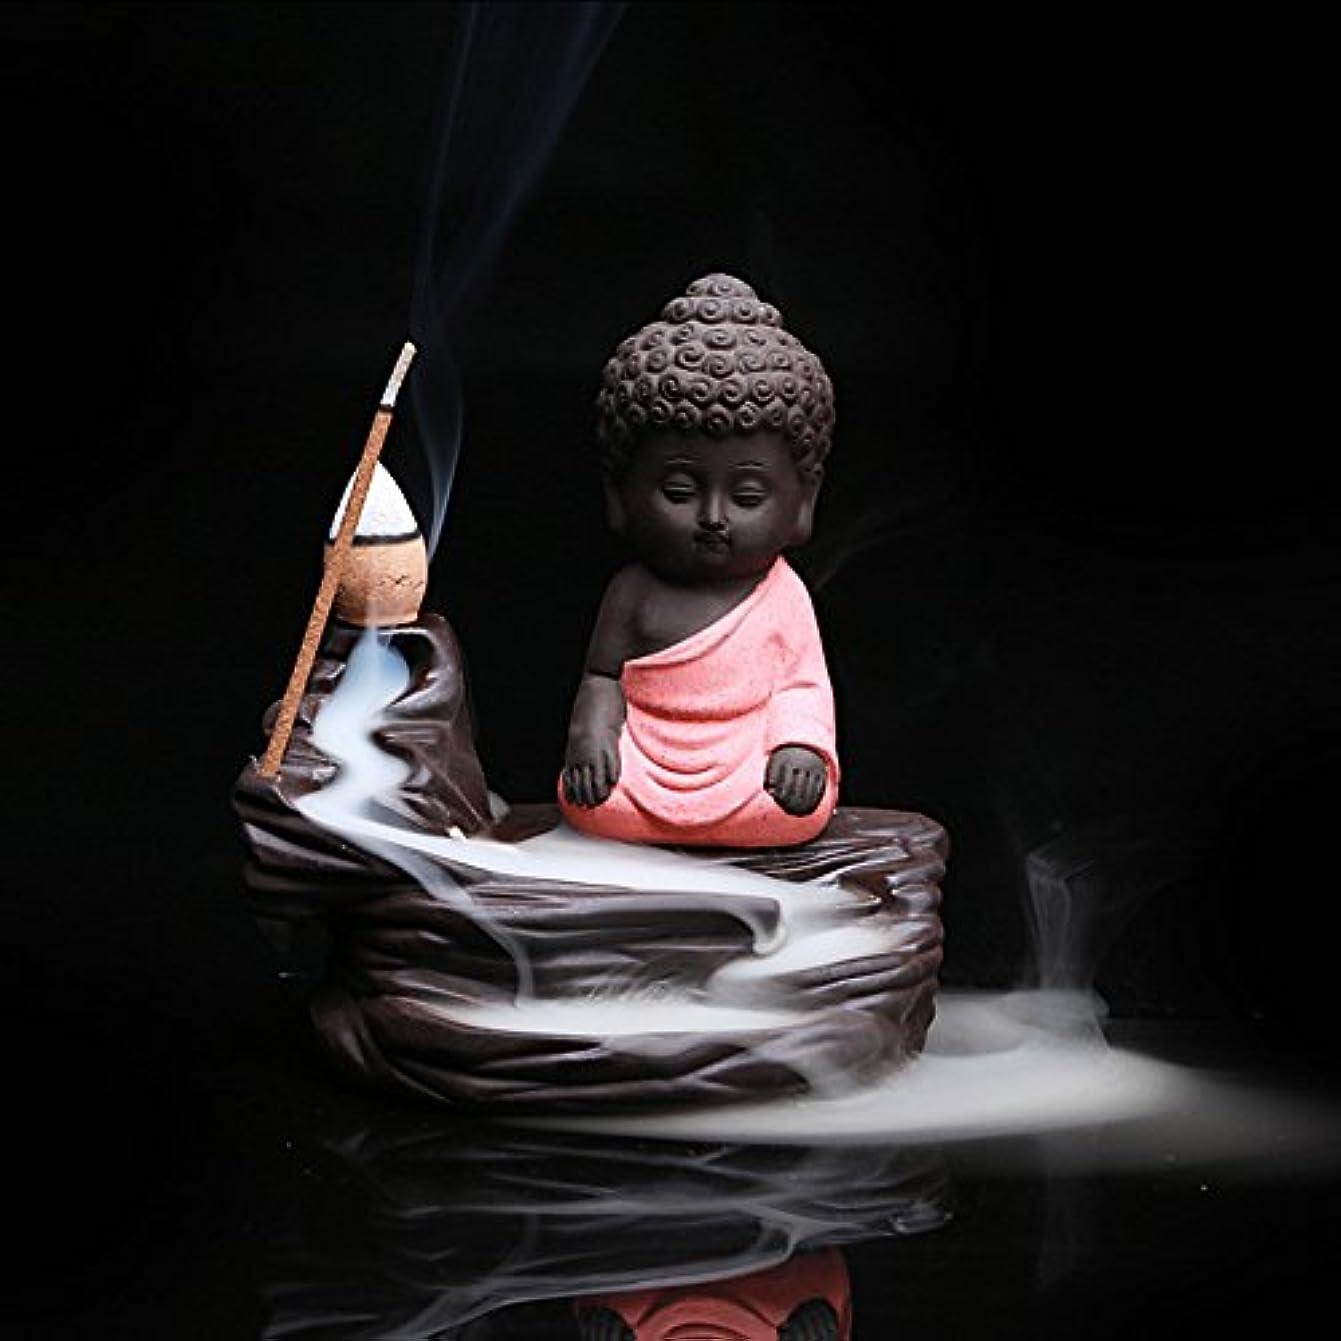 深める座標幹クリエイティブ逆流香炉コーンスティックホルダーSmall BuddhaセラミックCenserホーム部屋装飾 12.0*12.0*6.0cm レッド Colorado